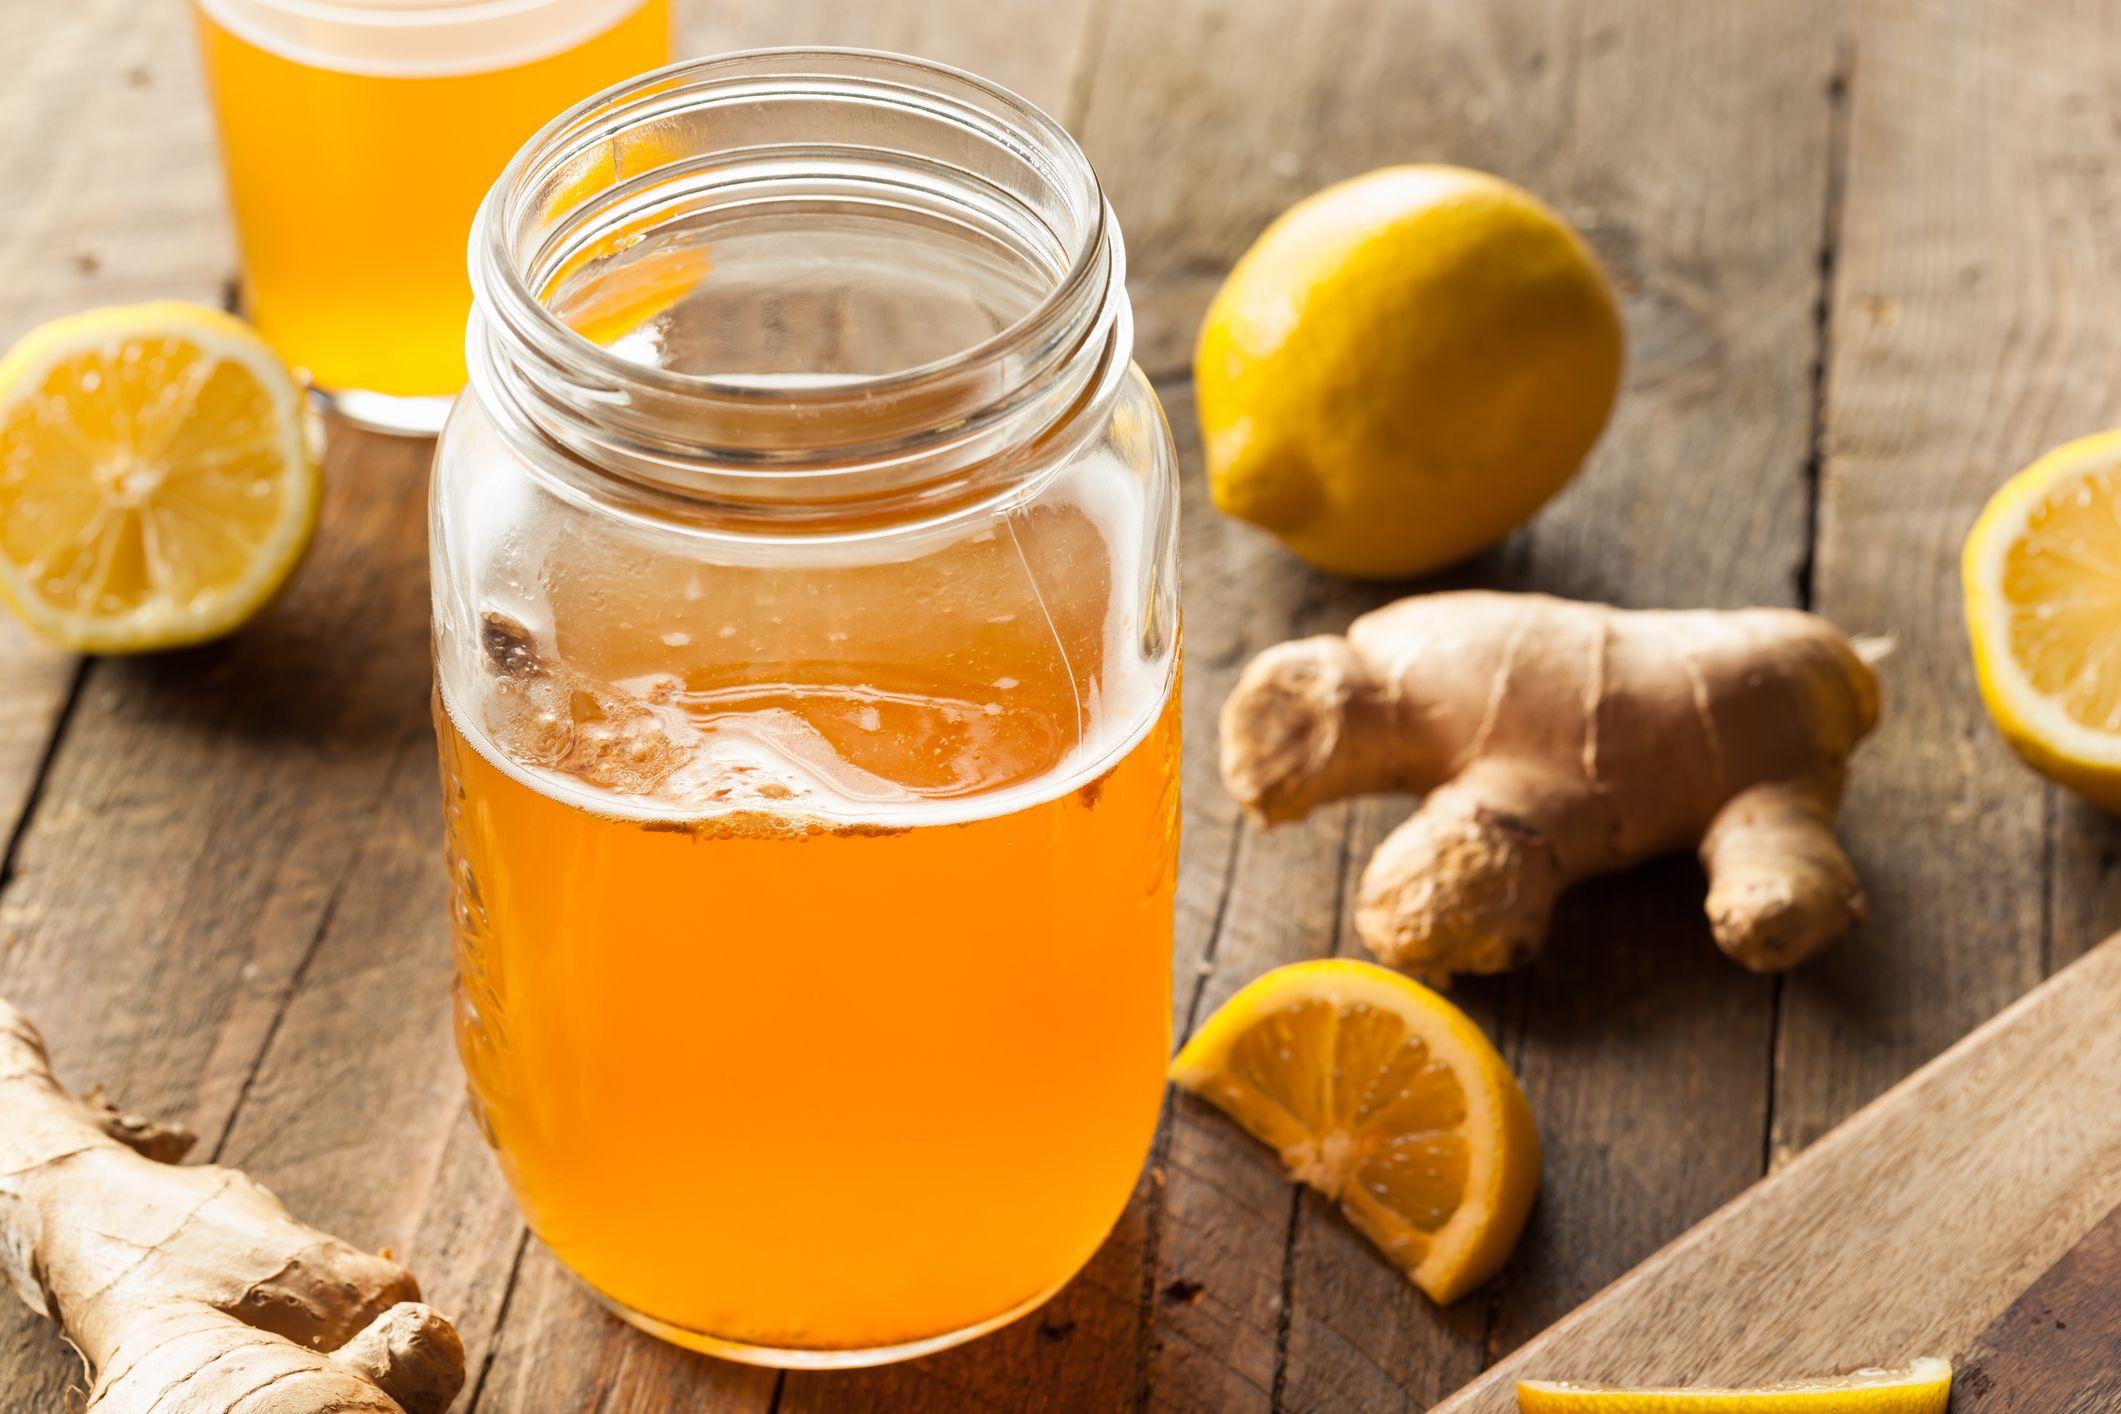 Kombucha con jengibre y limón, una bebida refrescante de fermentación natural.